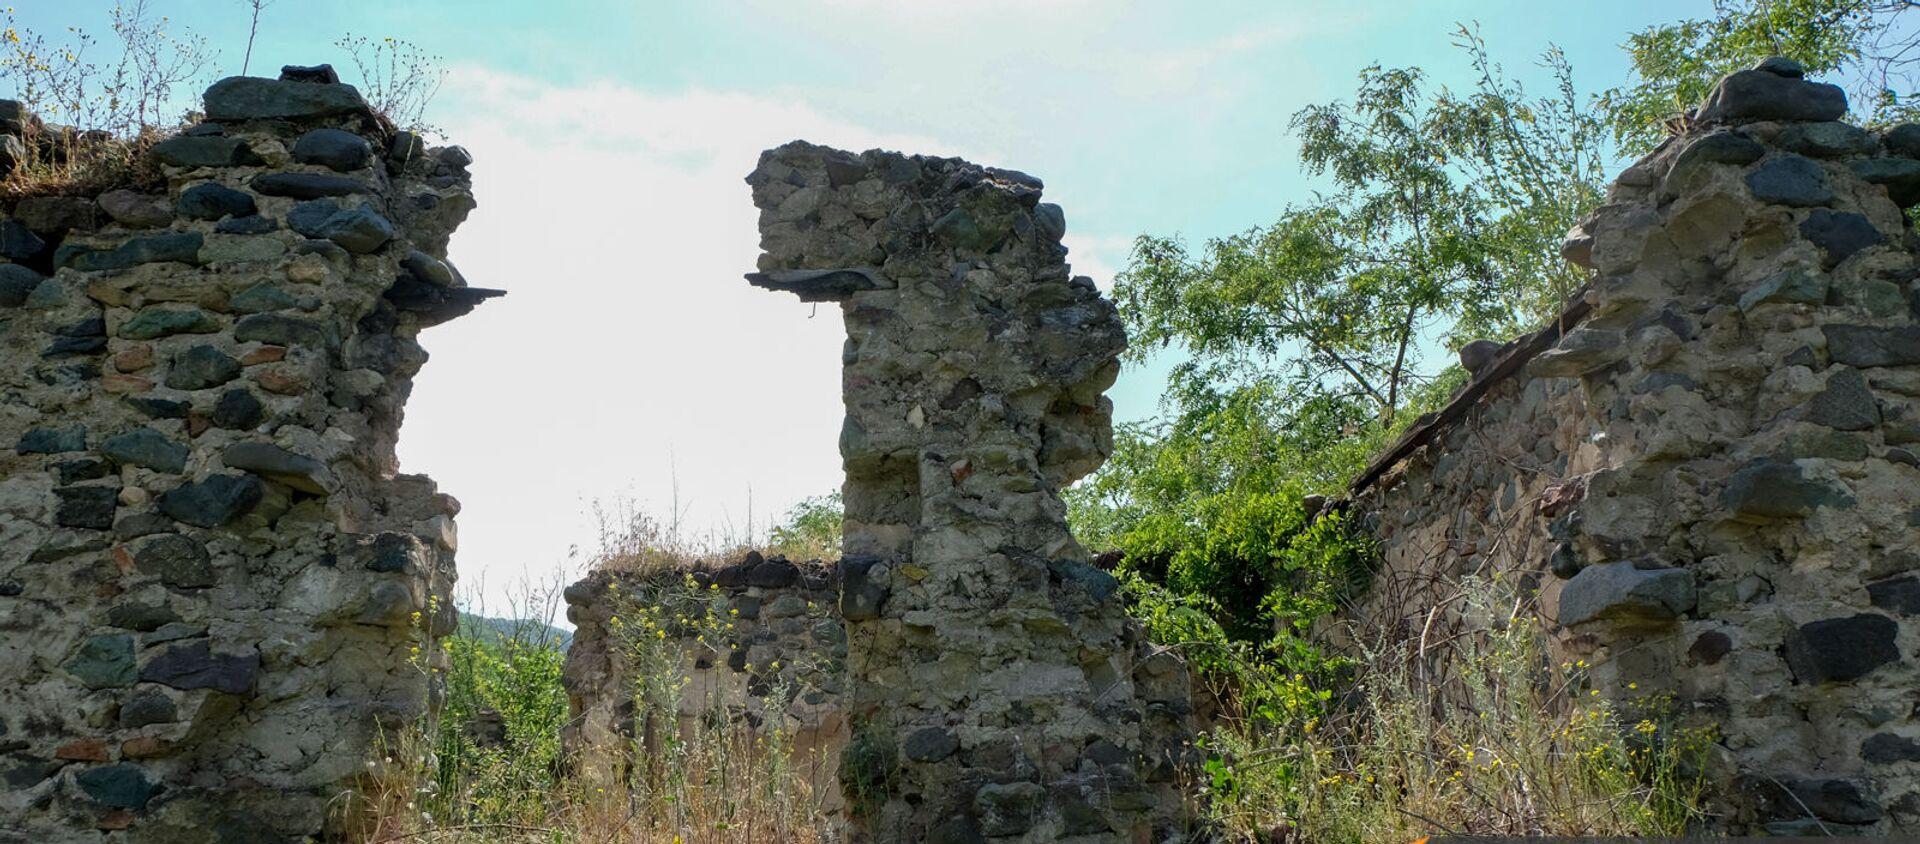 Развалины в бывшем анклаве Верин Воскепар - Sputnik Արմենիա, 1920, 25.05.2021